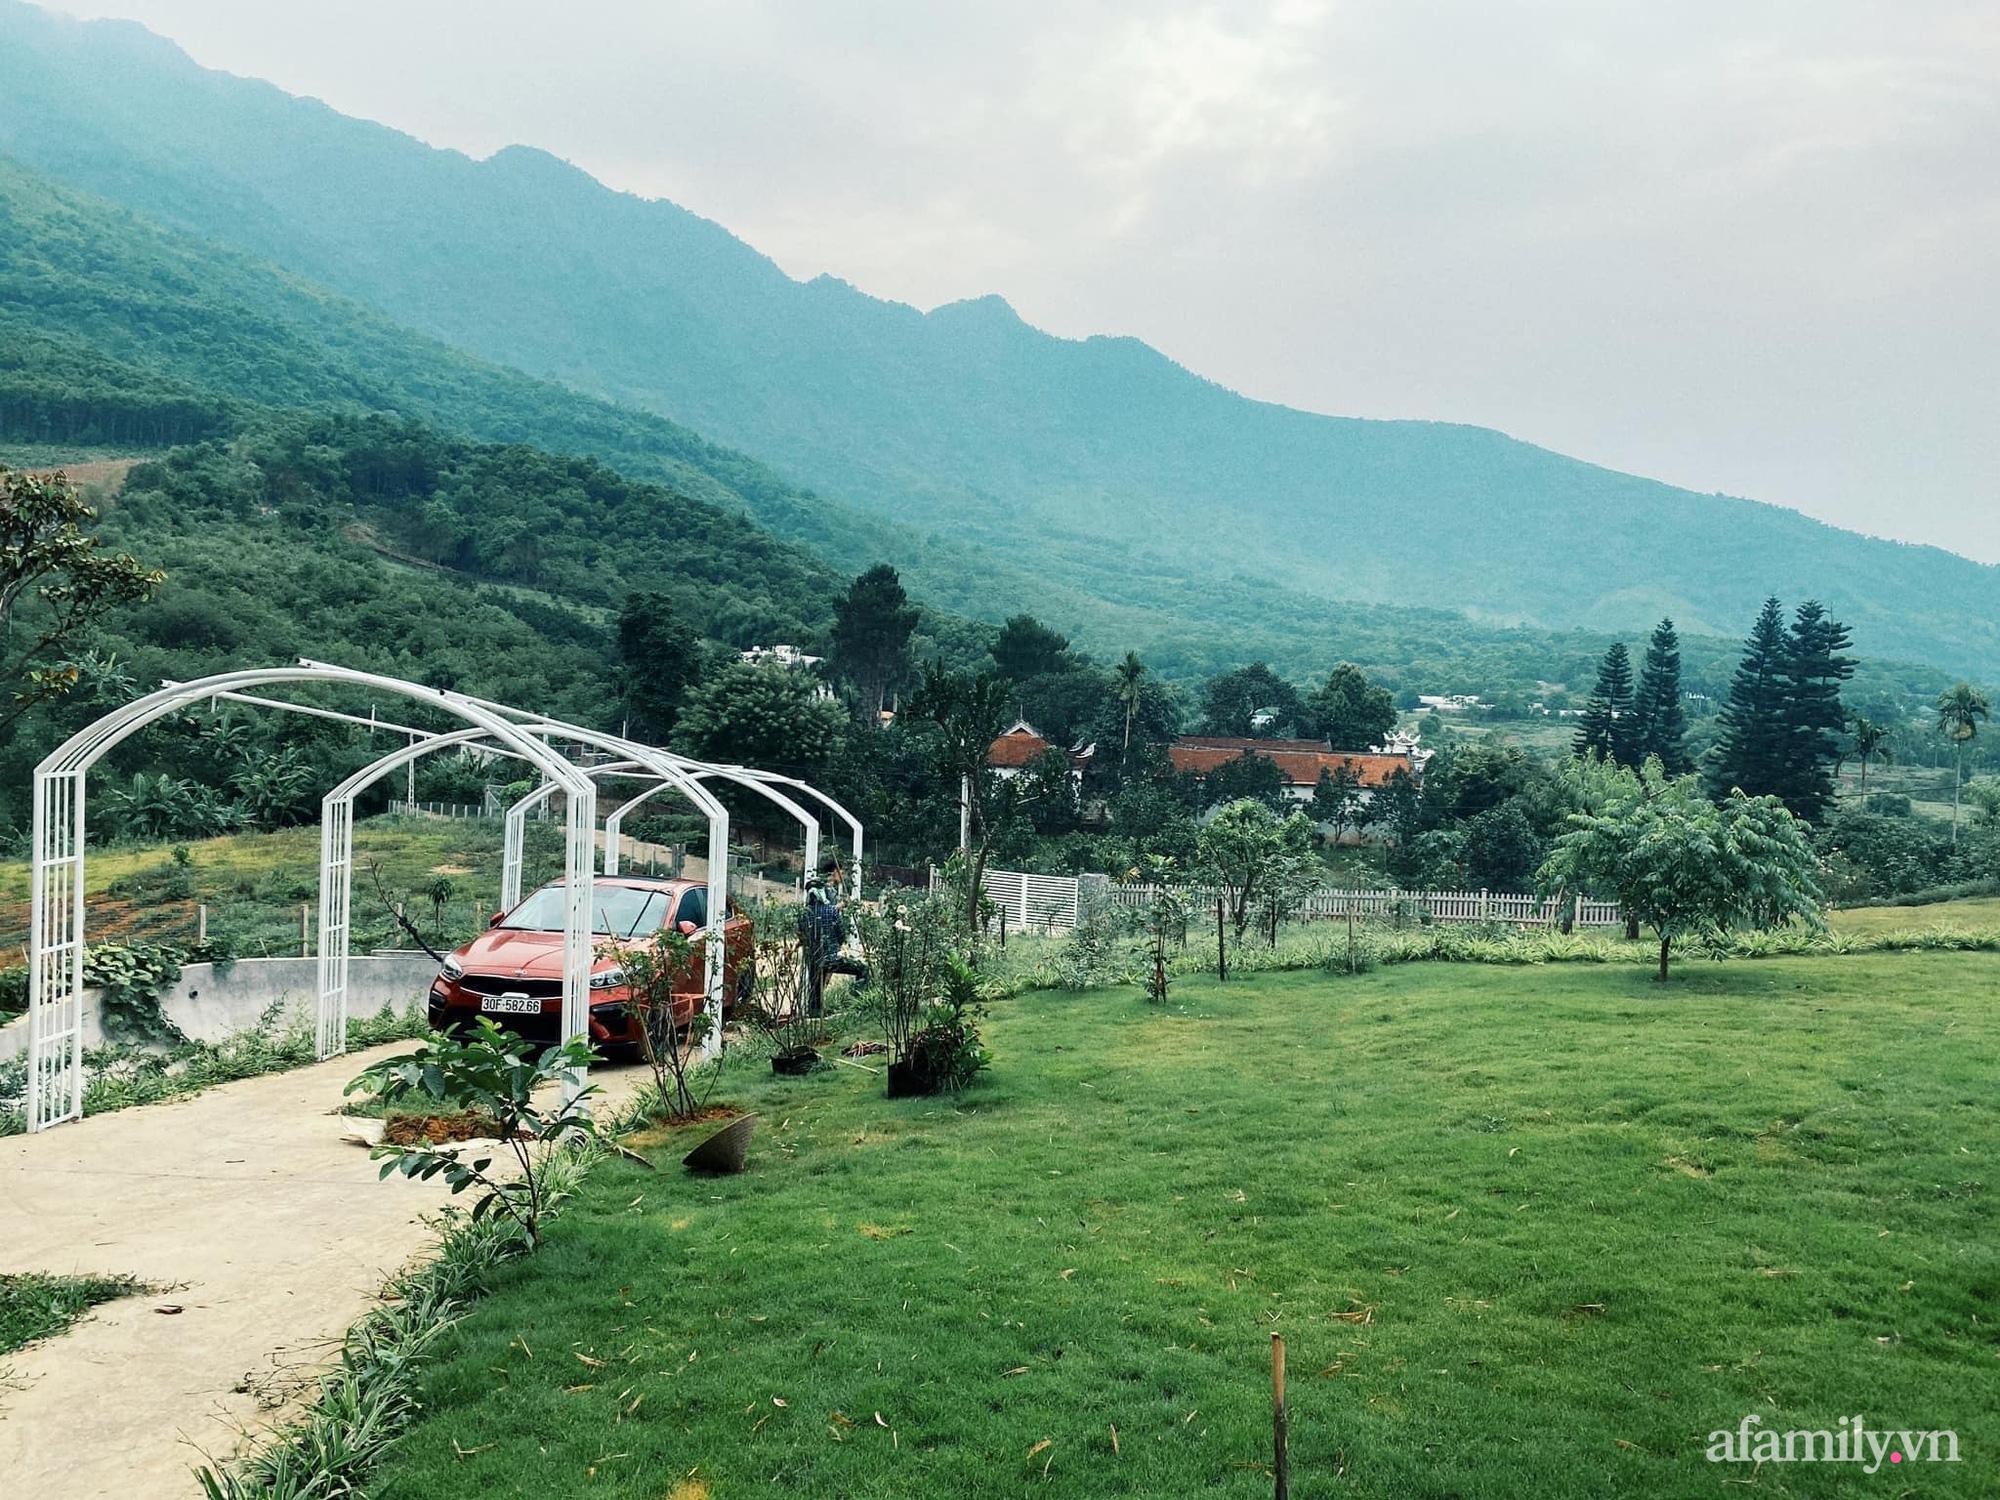 Căn nhà vườn trên núi đẹp an yên, tĩnh lặng với những xanh tươi đẹp đẽ ở ngoại thành Hà Nội - Ảnh 4.